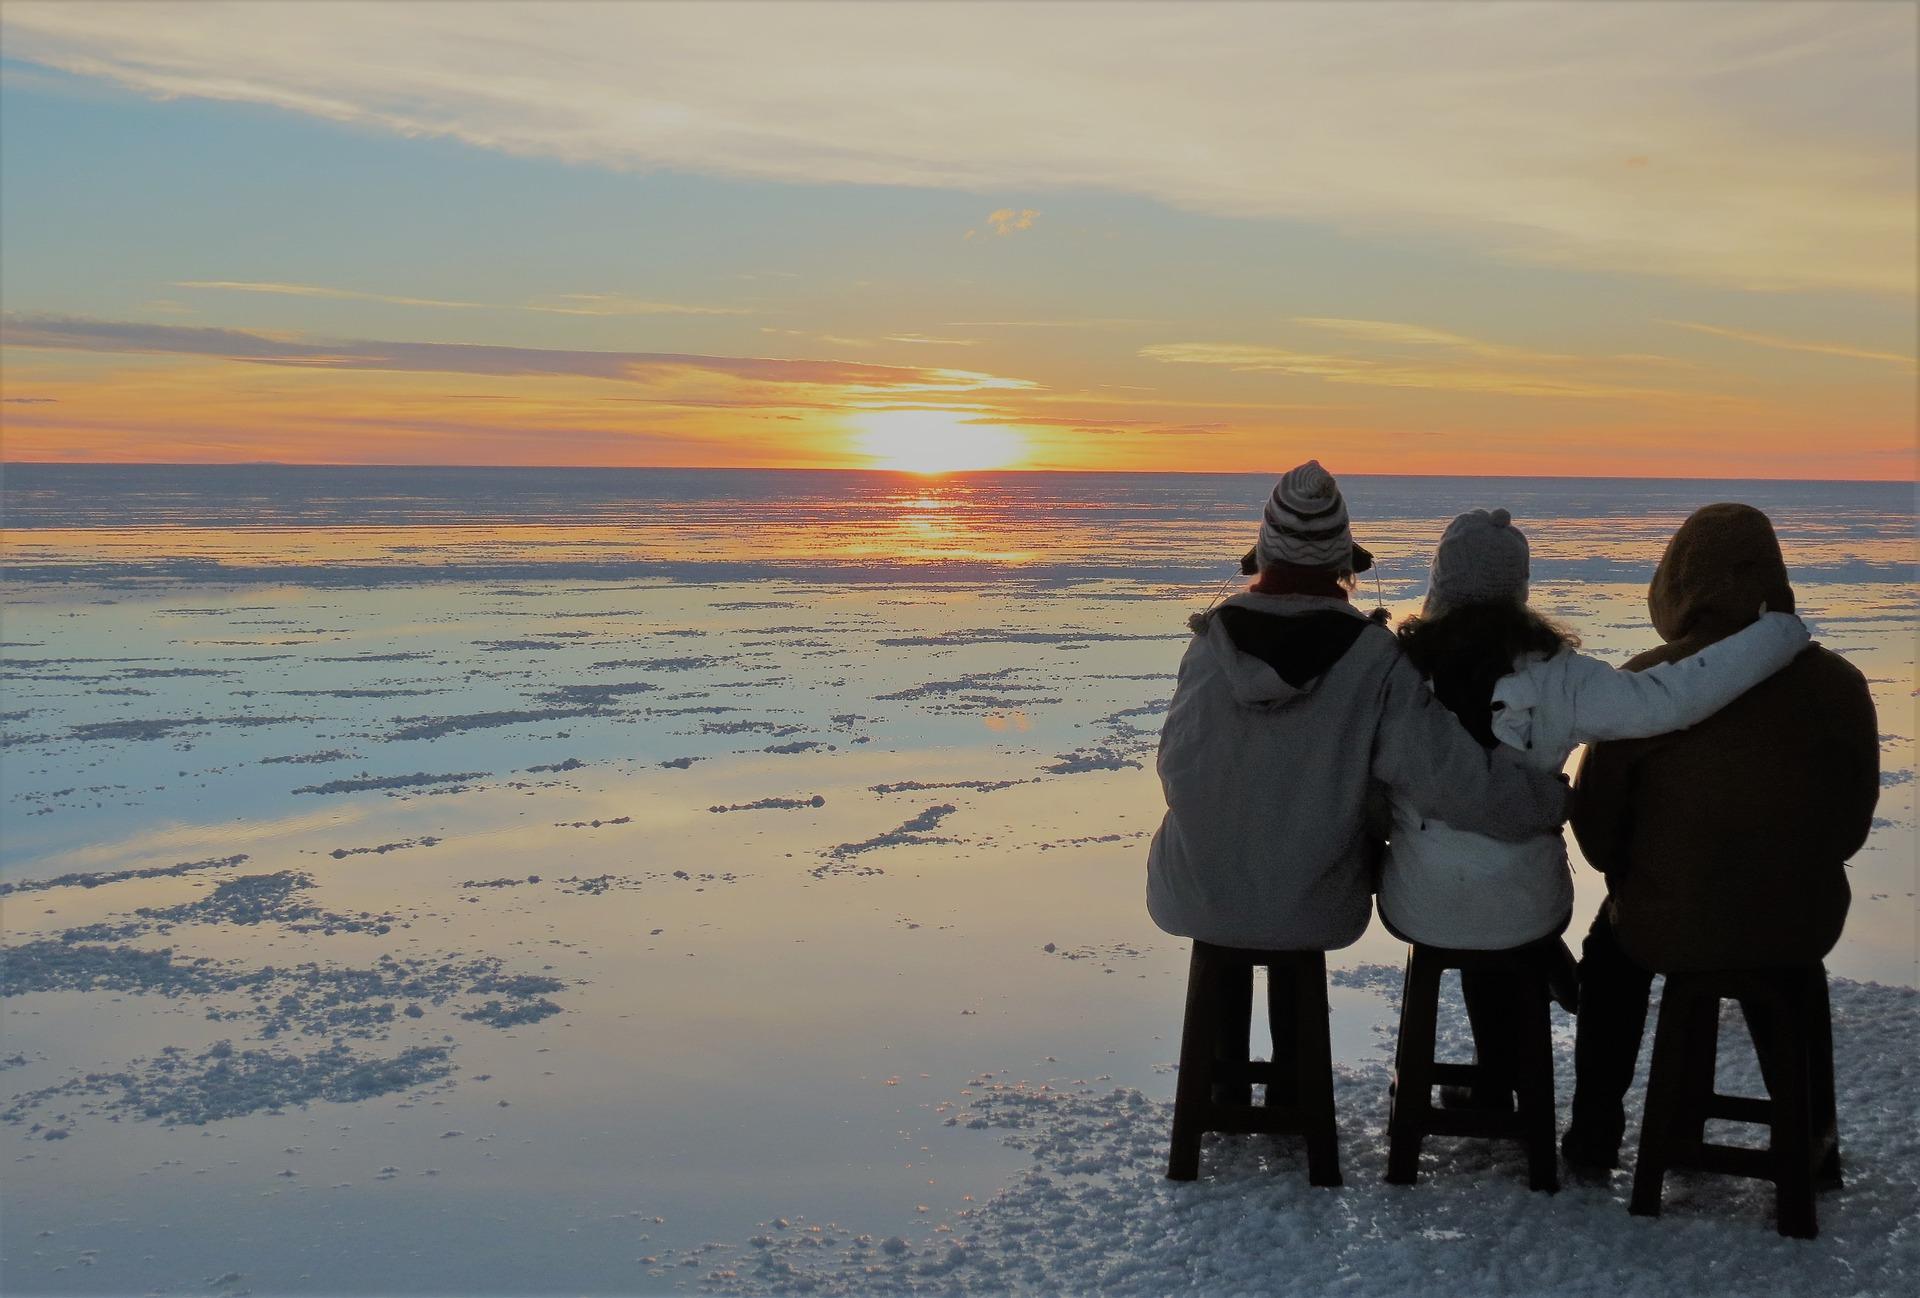 The Largest Salt Flats in the World – Salar de Uyuni